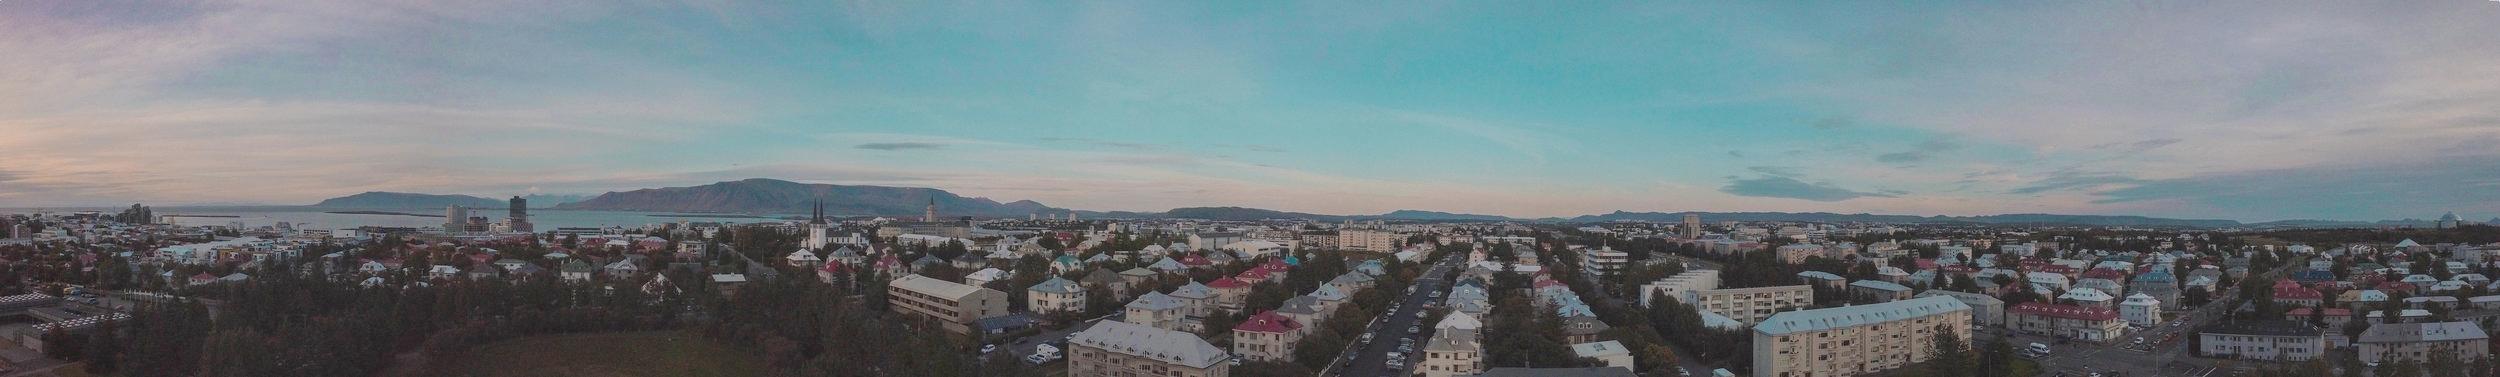 reyk panorama.jpg